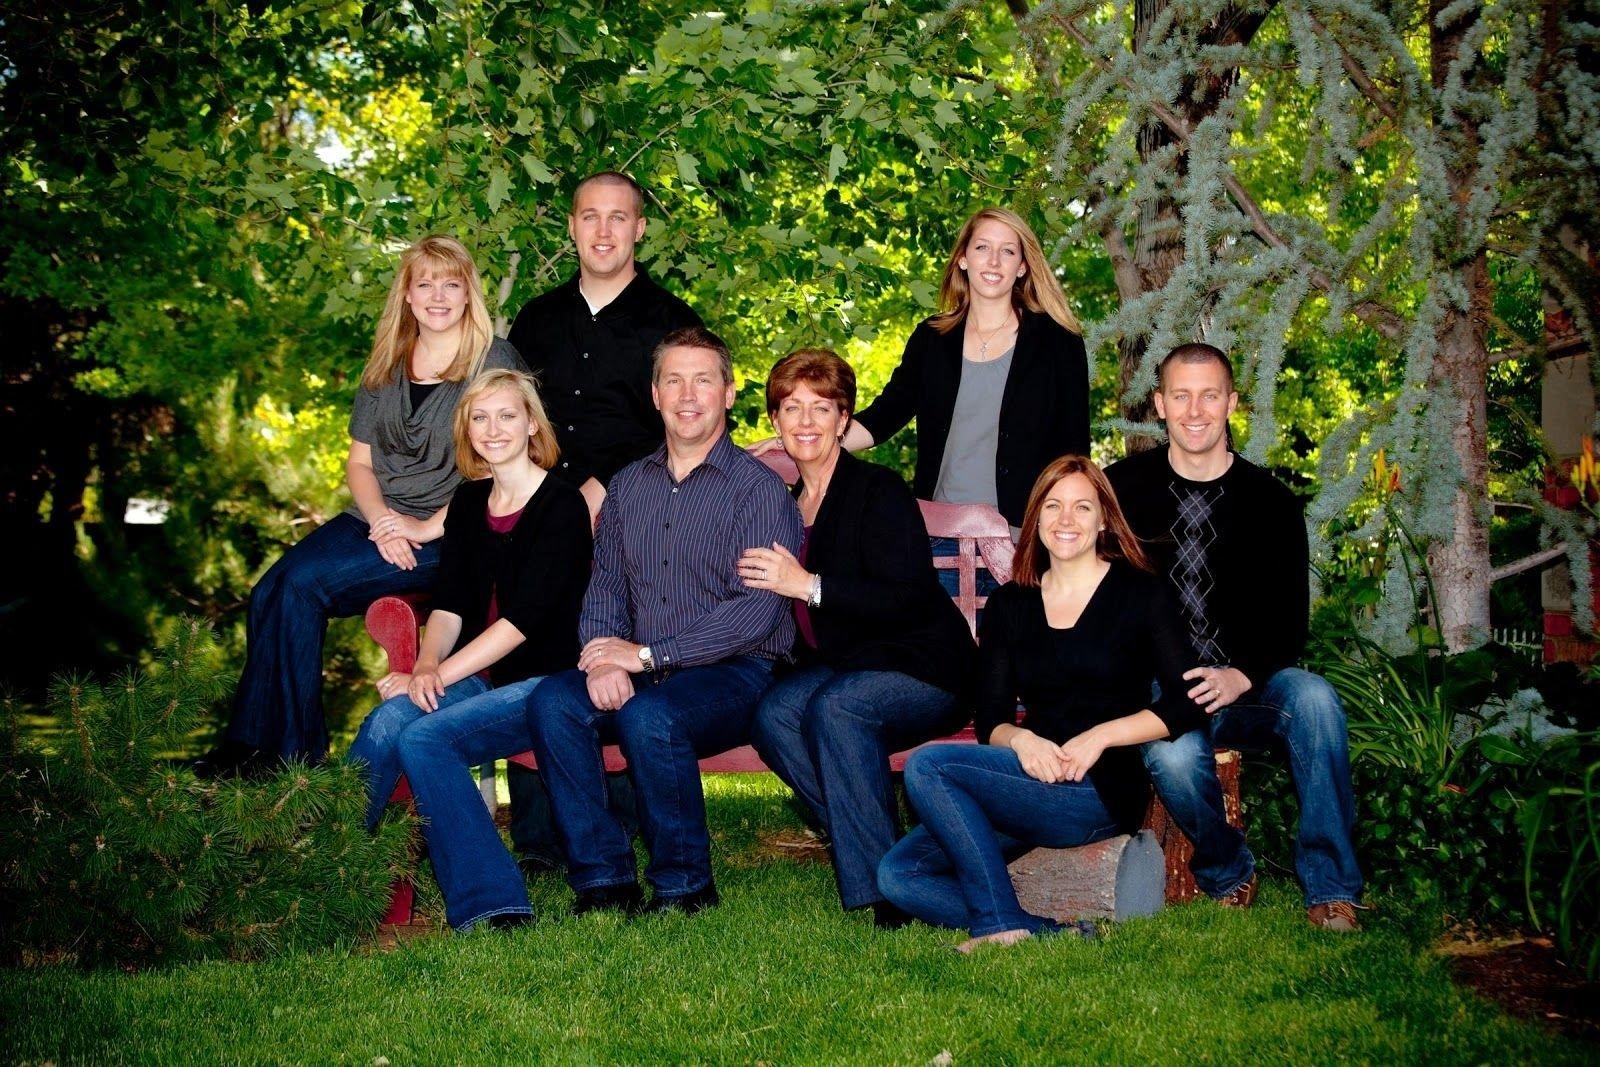 10 Stylish Family Photo Shoot Ideas Outdoors cute outside family photo ideas ideas family photography ideas 2021